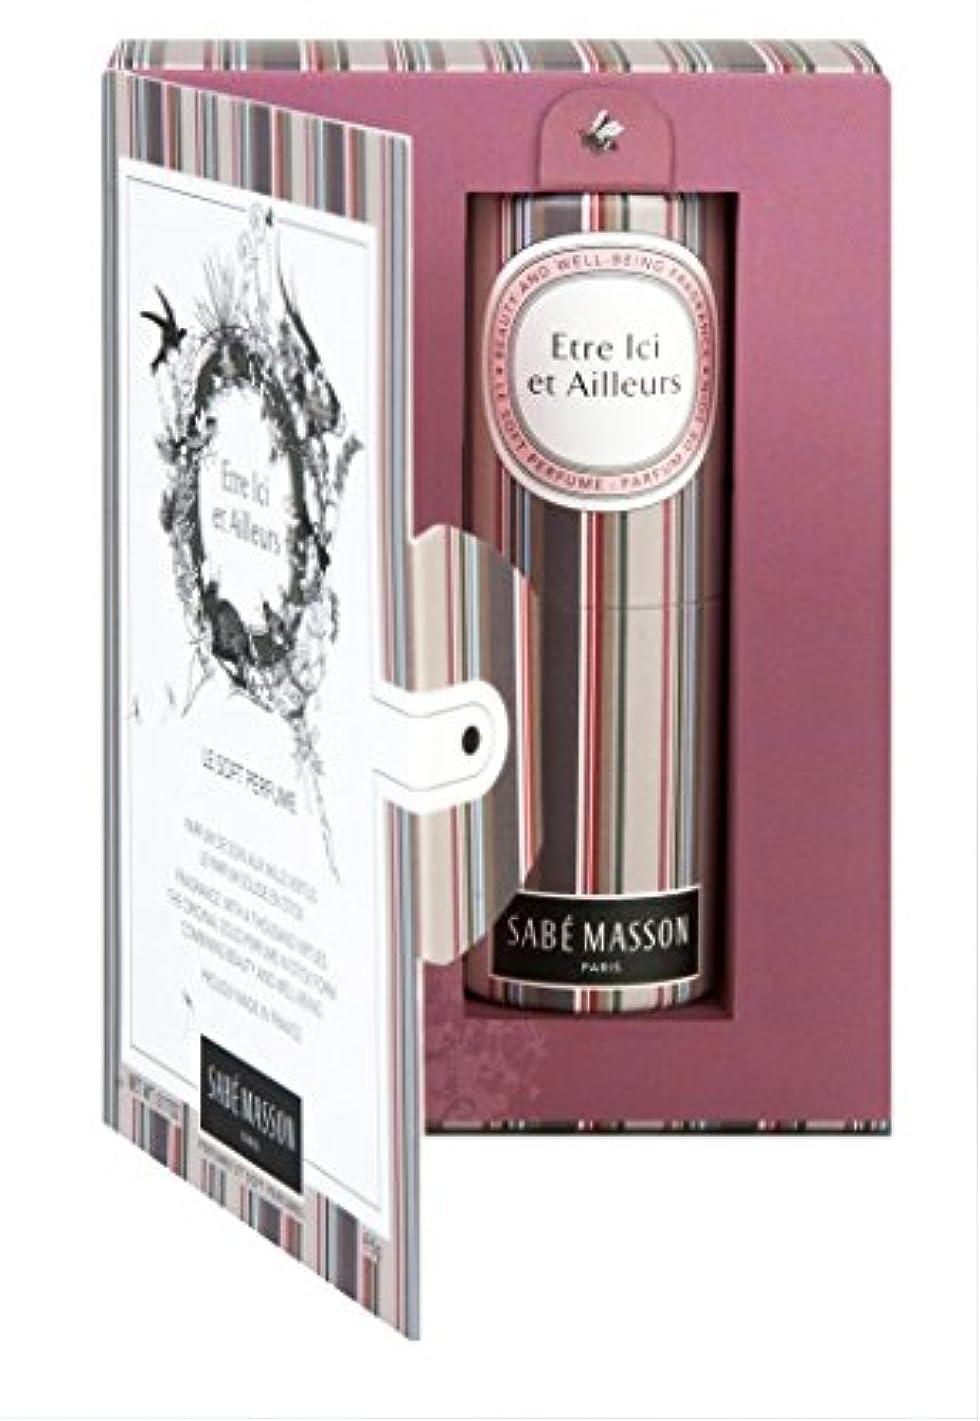 テレビ局インスタントラビリンスサベマソン ソフトパフューム エートルイッシエアリュール 5g(練り香水 アルコールフリー キンモクセイが香るパウダリーなプレシャスウッドの香り)